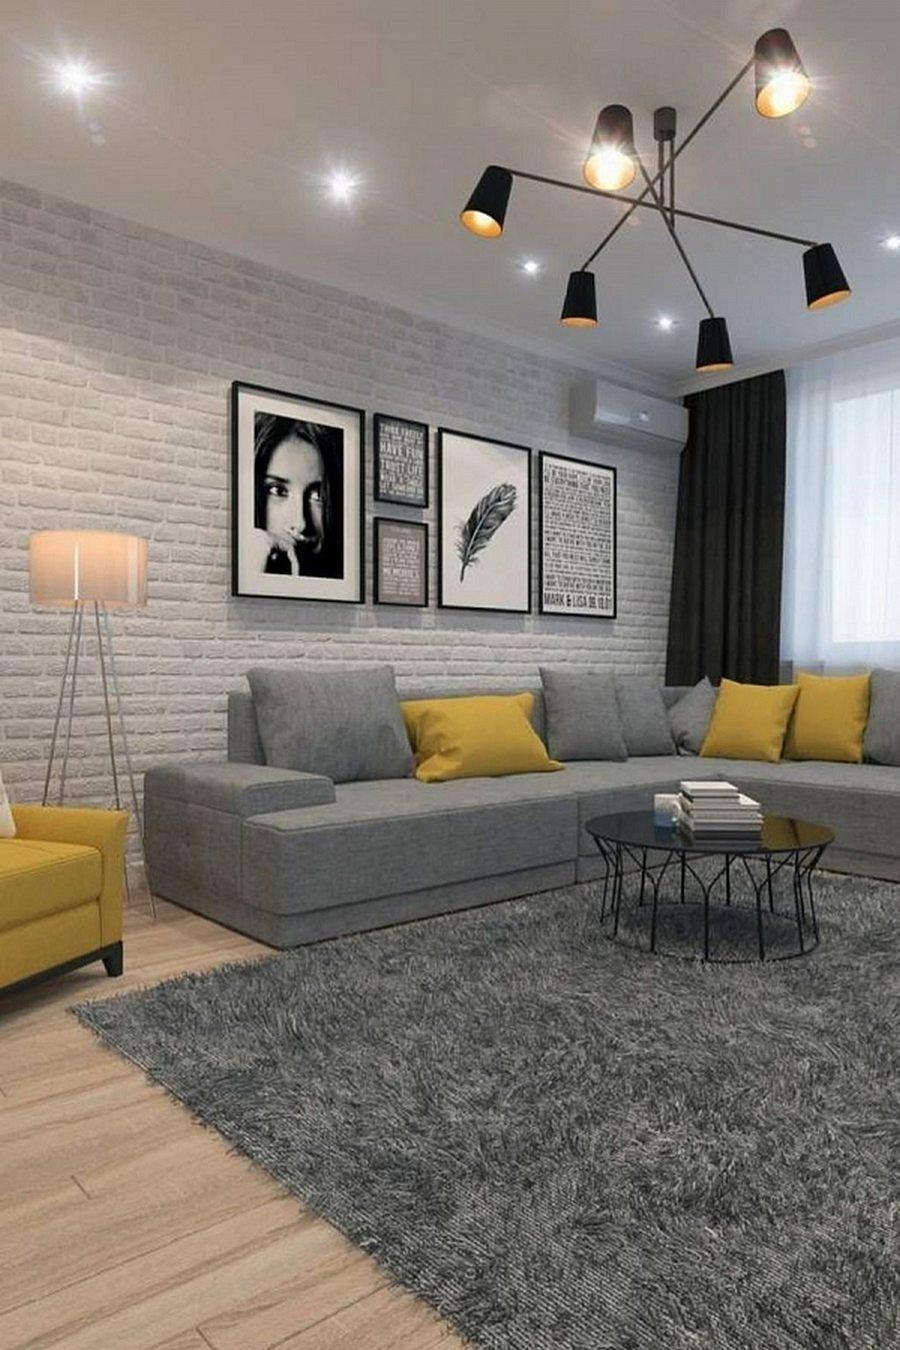 Черная люстра с плафонами, которые дают рассеянное желтое свечение + лайт споты на потолке